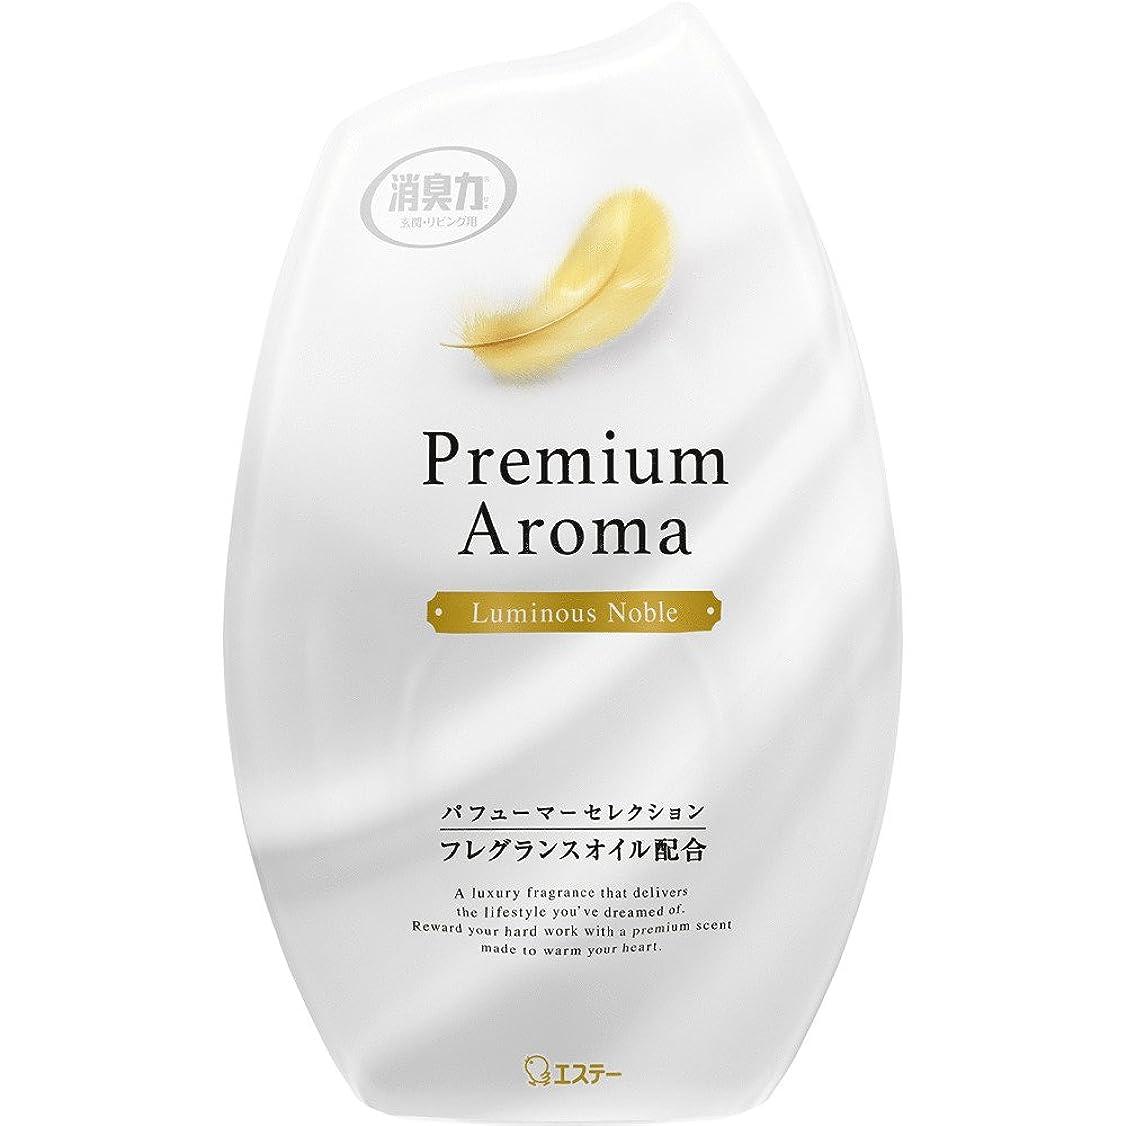 ありふれたアロング適切にお部屋の消臭力 プレミアムアロマ Premium Aroma 消臭芳香剤 部屋用 部屋 ルミナスノーブルの香り 400ml